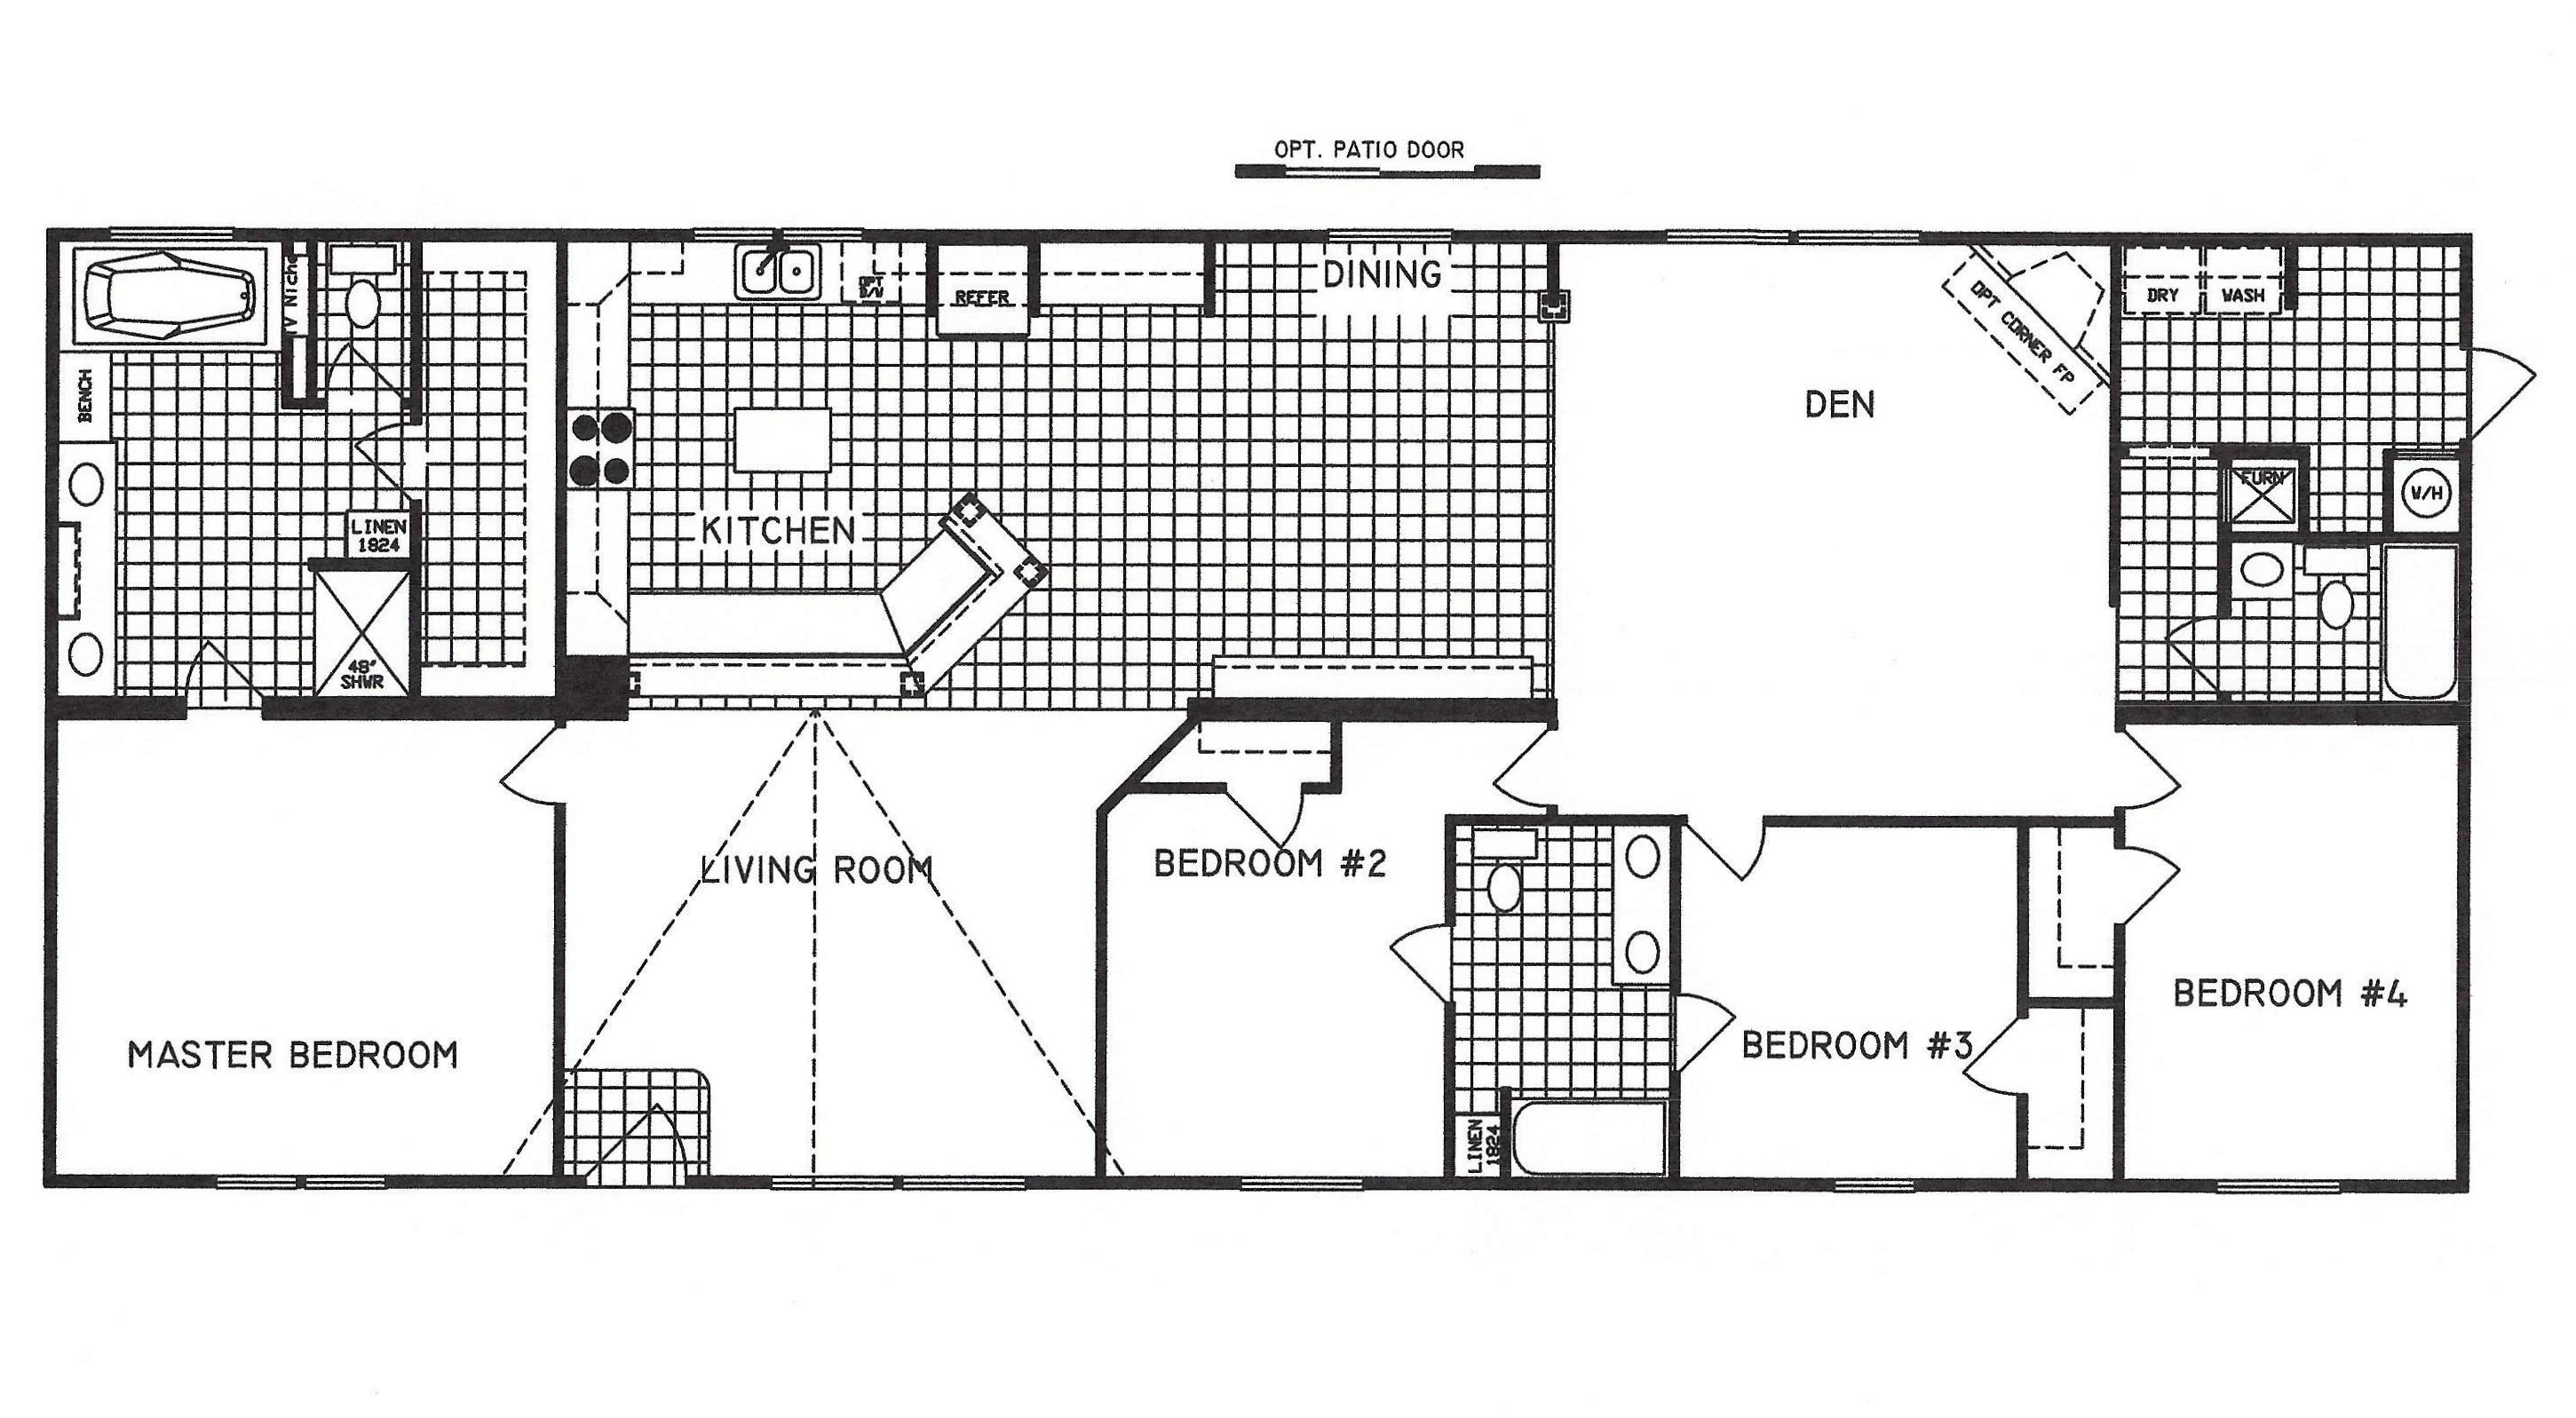 4 bedroom floor plan c 9916 hawks homes manufactured modular conway little rock arkansas - Four bedroom floor plan ...